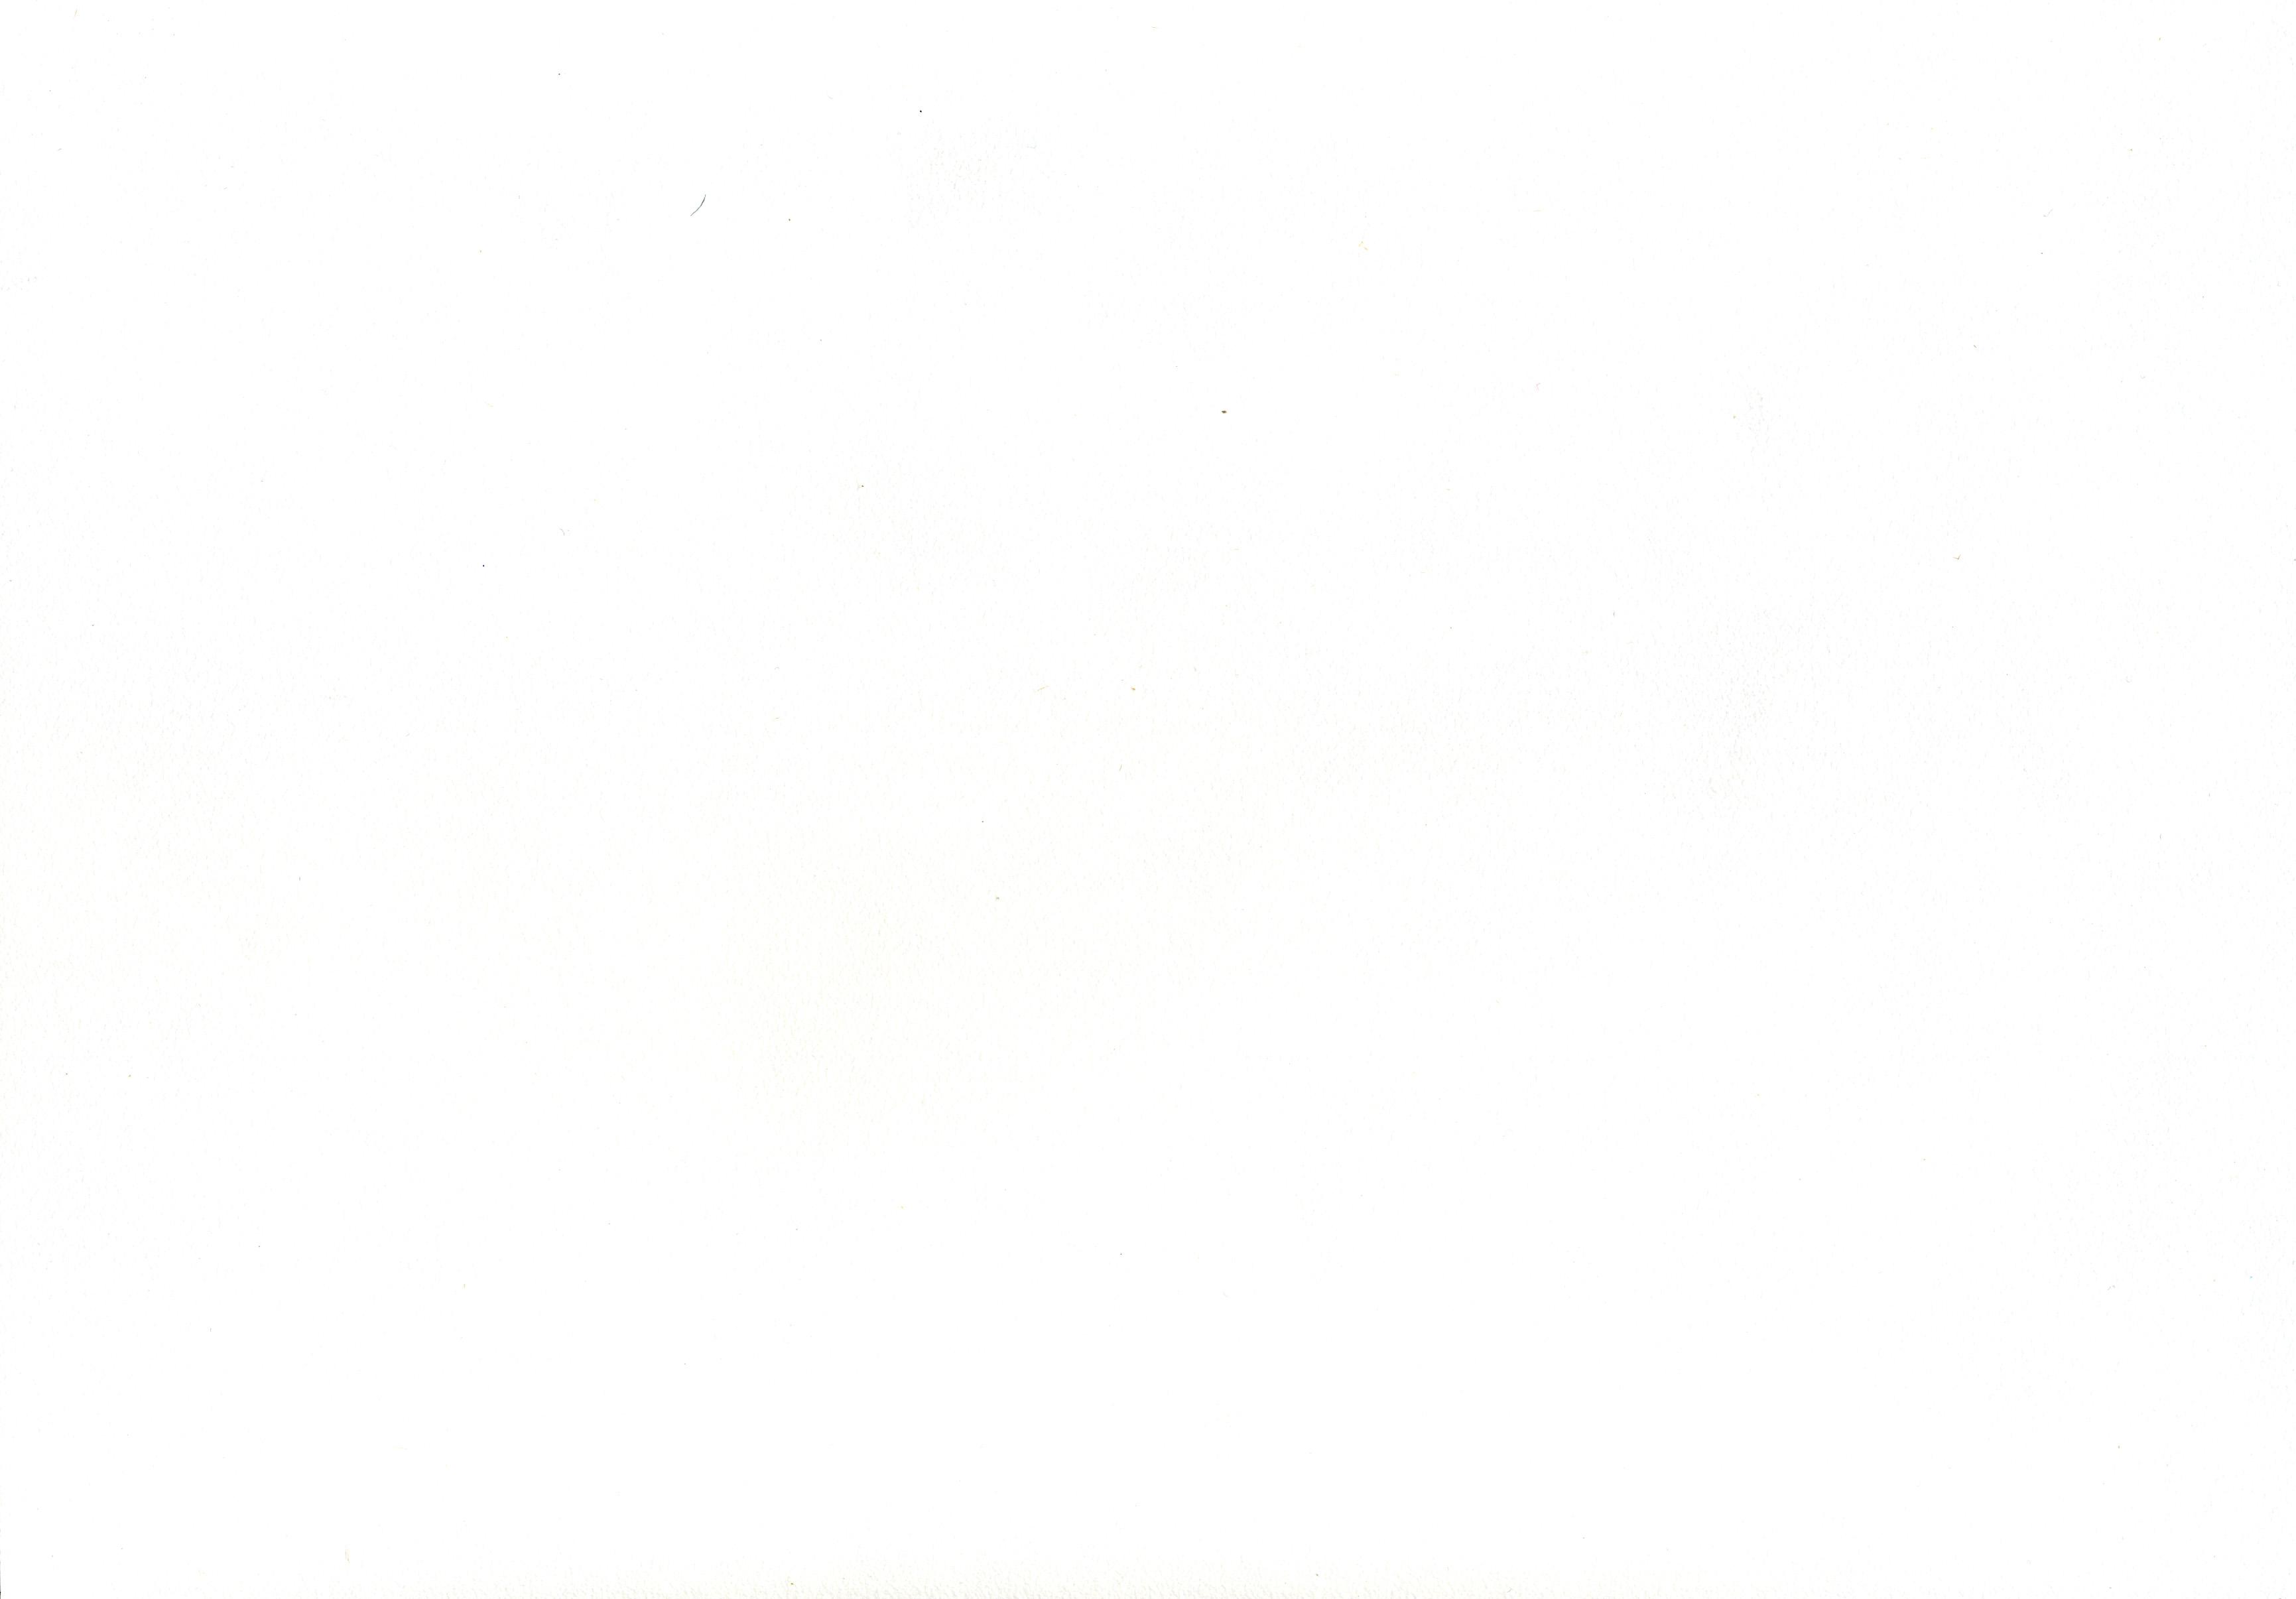 1110-S,6 1111-S White